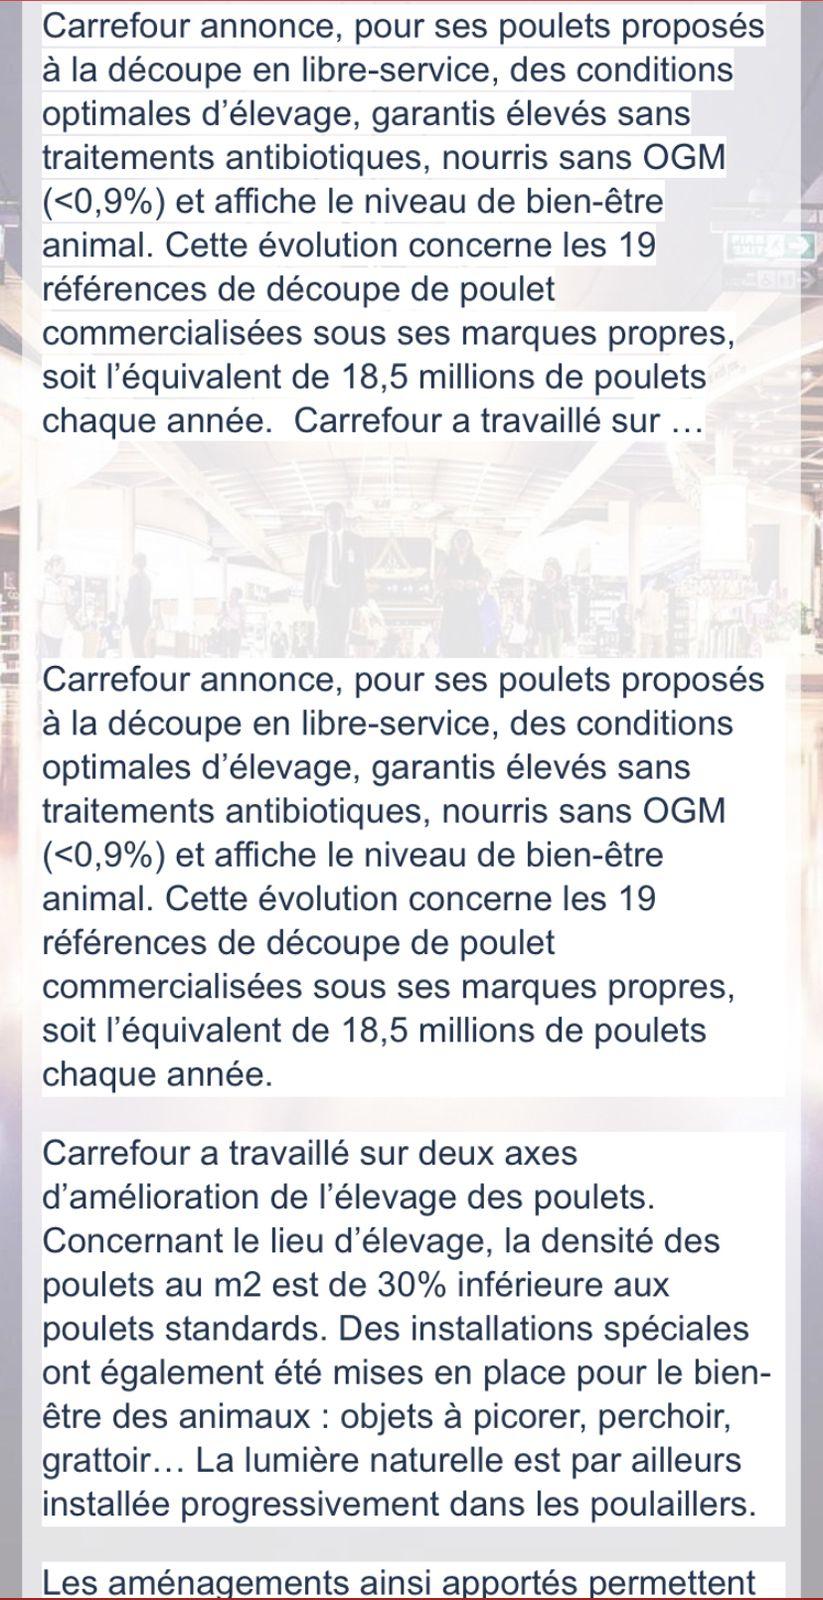 Bien être animal : Carrefour affiche son score